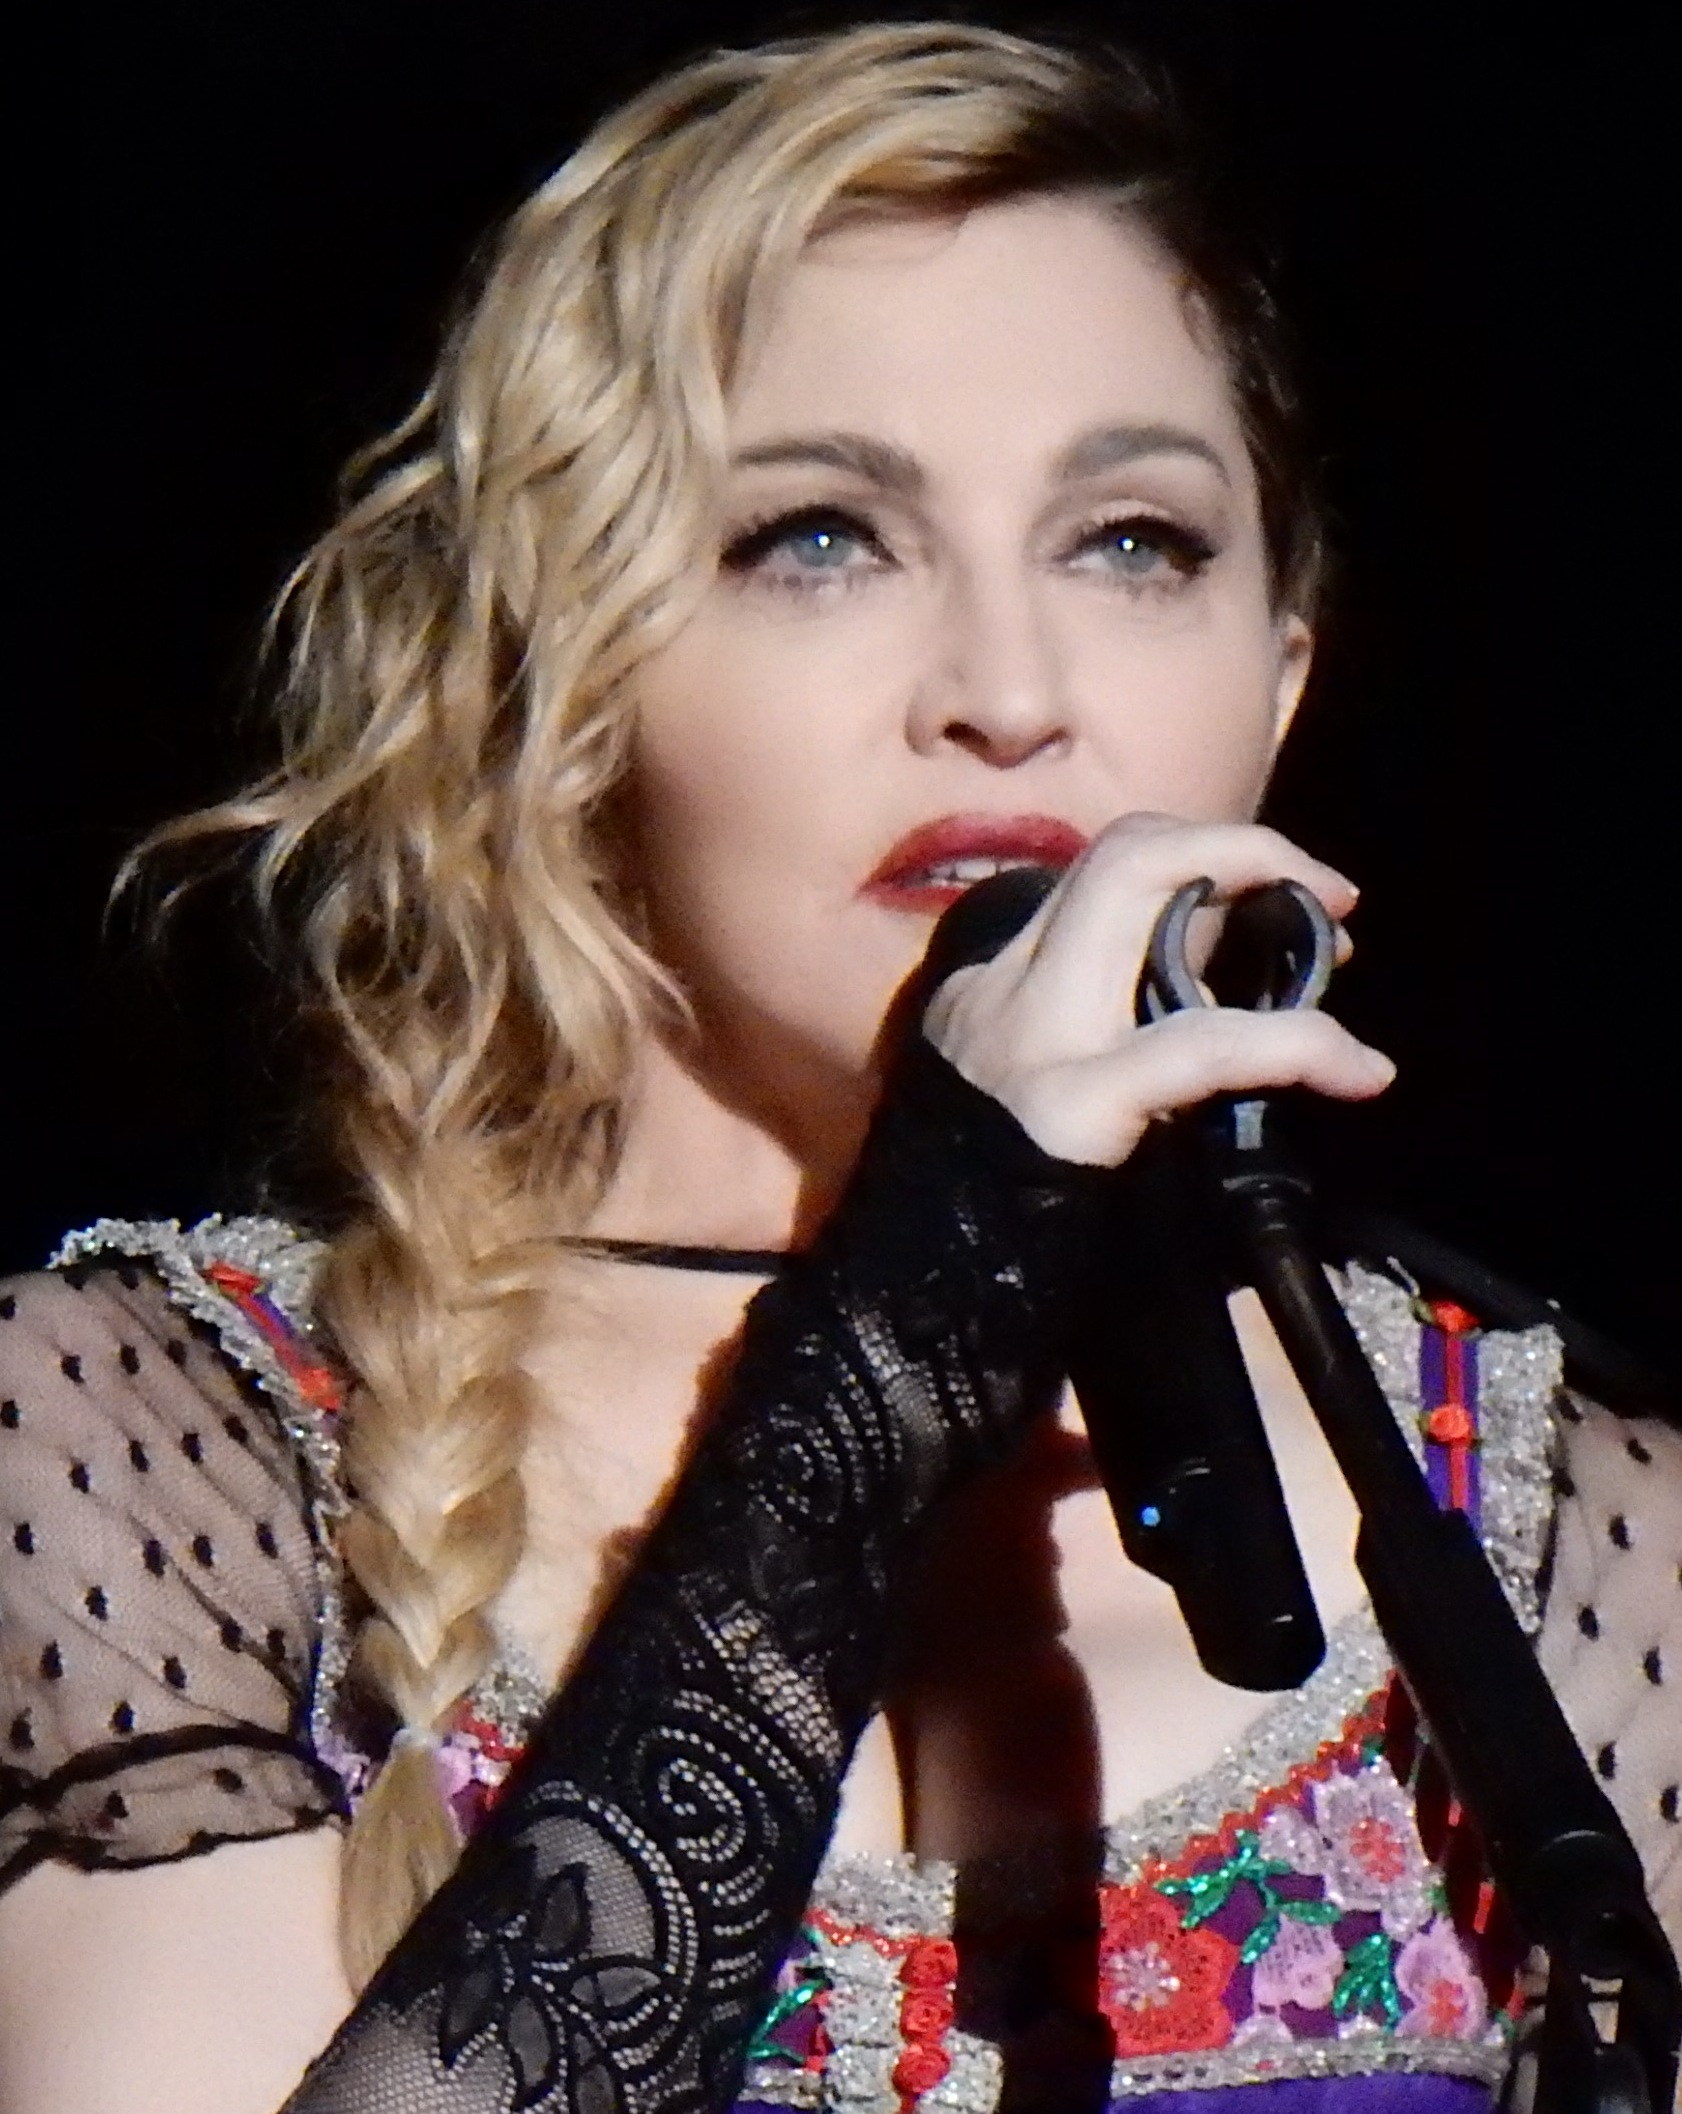 """Madonna à Stockholm en 2015  (source: """"Madonna Rebel Heart Tour 2015 - Stockholm"""", image numérique d'une photo de 2015 par l'auteur Wikipedia chrisweger,  Wikimedia Commons  ( https://commons.wikimedia.org ))."""